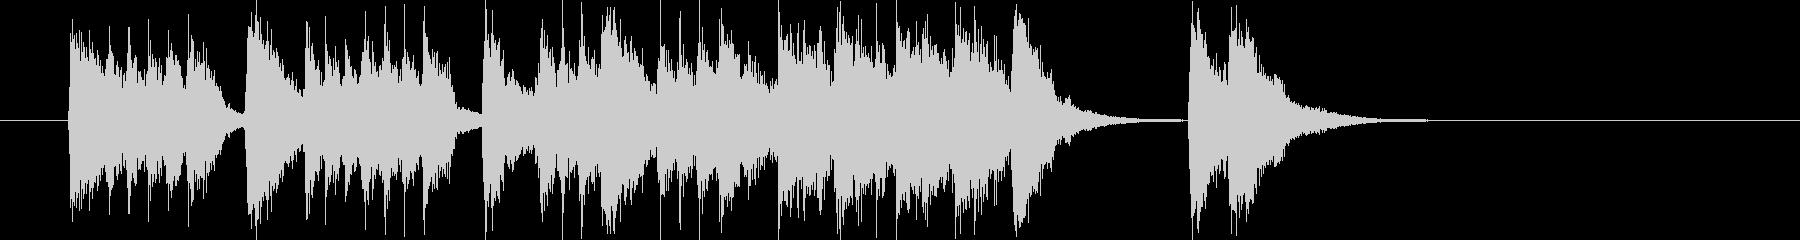 ドキドキと弾けるアップテンポなジングルの未再生の波形